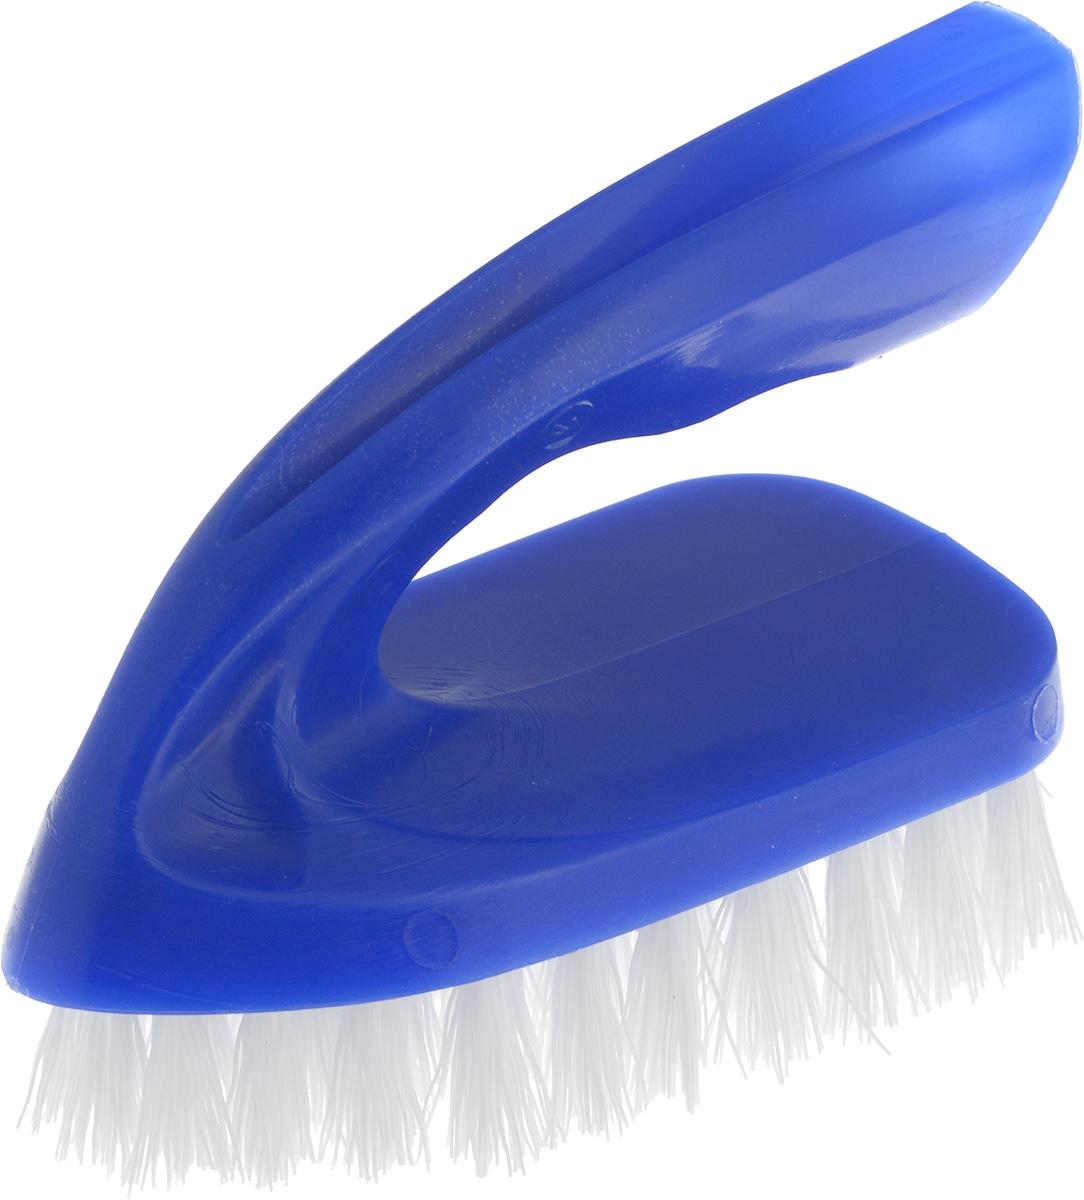 Щетка для одежды Svip Утюжок Миди. Классика, цвет: синий, белый, 10 х 6 х 8,5 смMW-3101Щетка Svip Утюжок Миди. Классика, изготовлена из высокопрочного пластика ипредназначена для удаления ворсинок, волос, пыли и шерсти животных, с различныхповерхностей. Может использоваться для мягкой мебели и салона автомобиля.Ручка, расположенная сверху, сделана как у утюжка, которая обеспечивает удобство при работе сней.Щетина средней жесткости не повреждает поверхность. Благодаря качественной щетине, щетка прослужит долгое время.Щетка Svip Утюжок Миди. Классика, станет незаменимым аксессуаром в вашем доме или автомобиле.Длина щетины: 2,5 см, Размер щетки: 10 х 6 х 8,5 см.